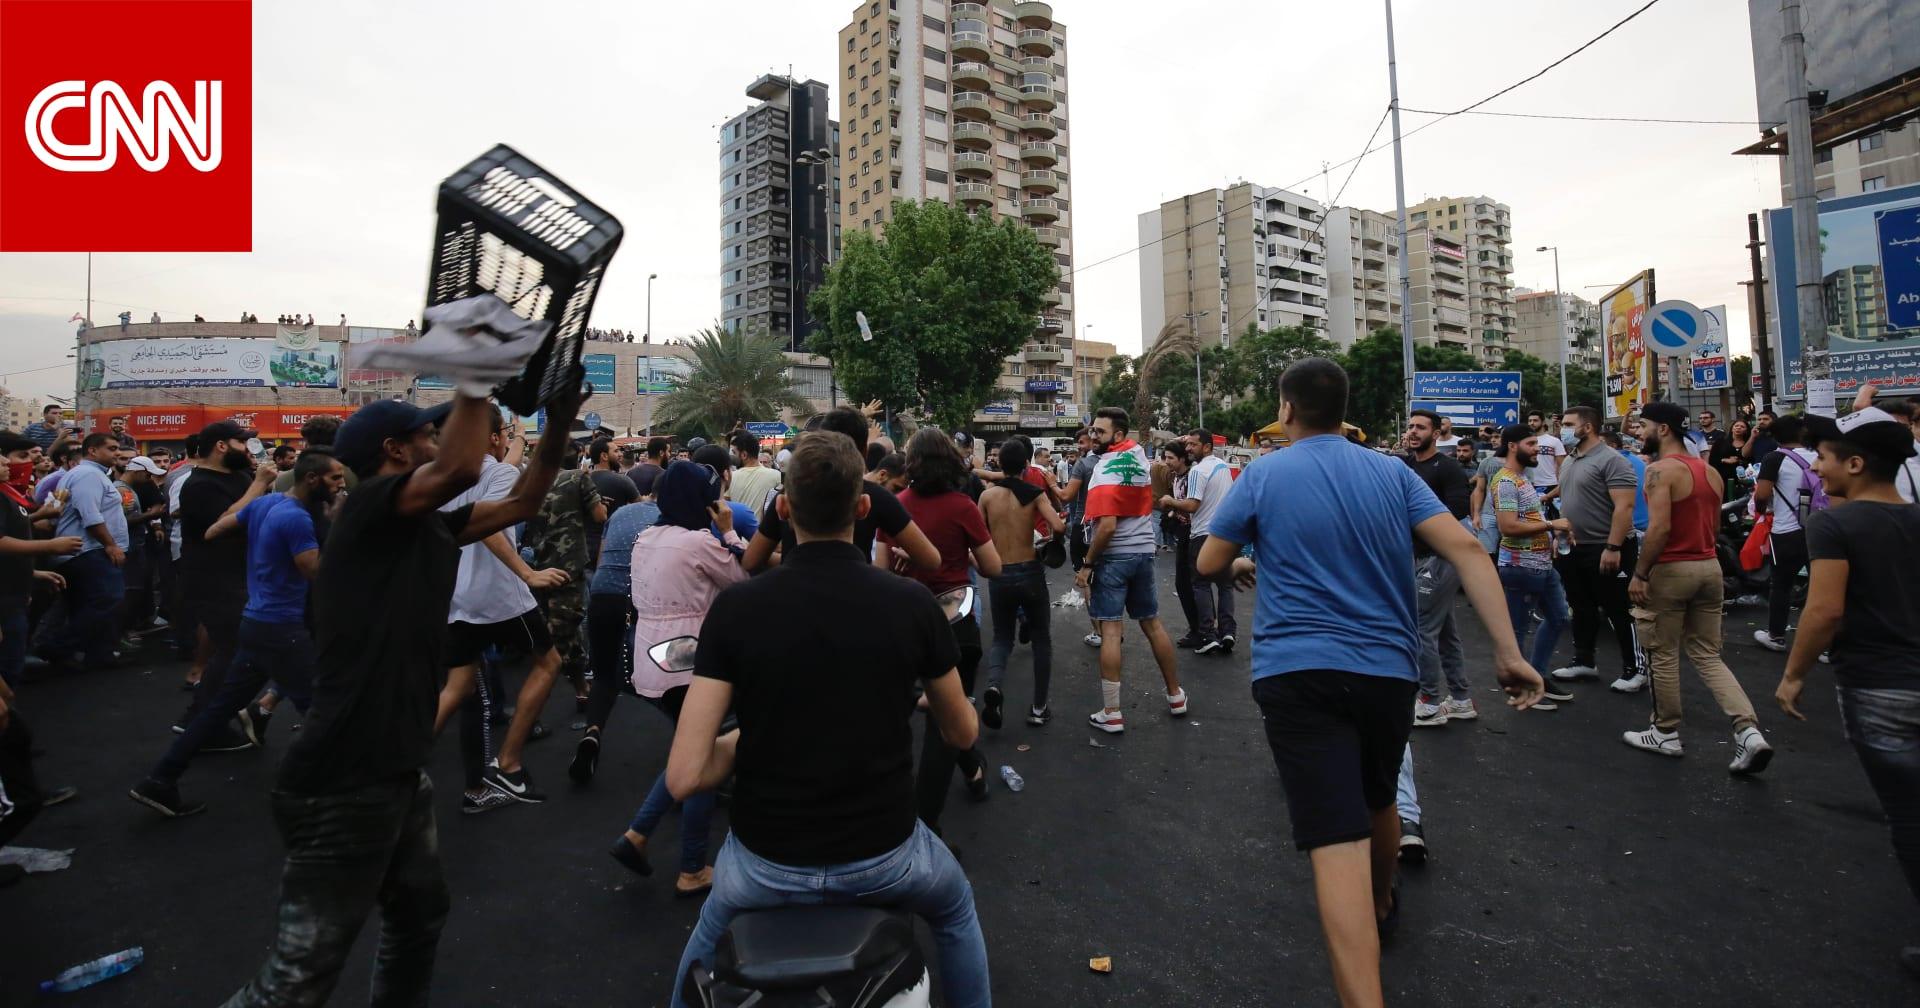 اليونيسف تحذر من أزمة مياه في لبنان تهدد 4 ملايين شخص